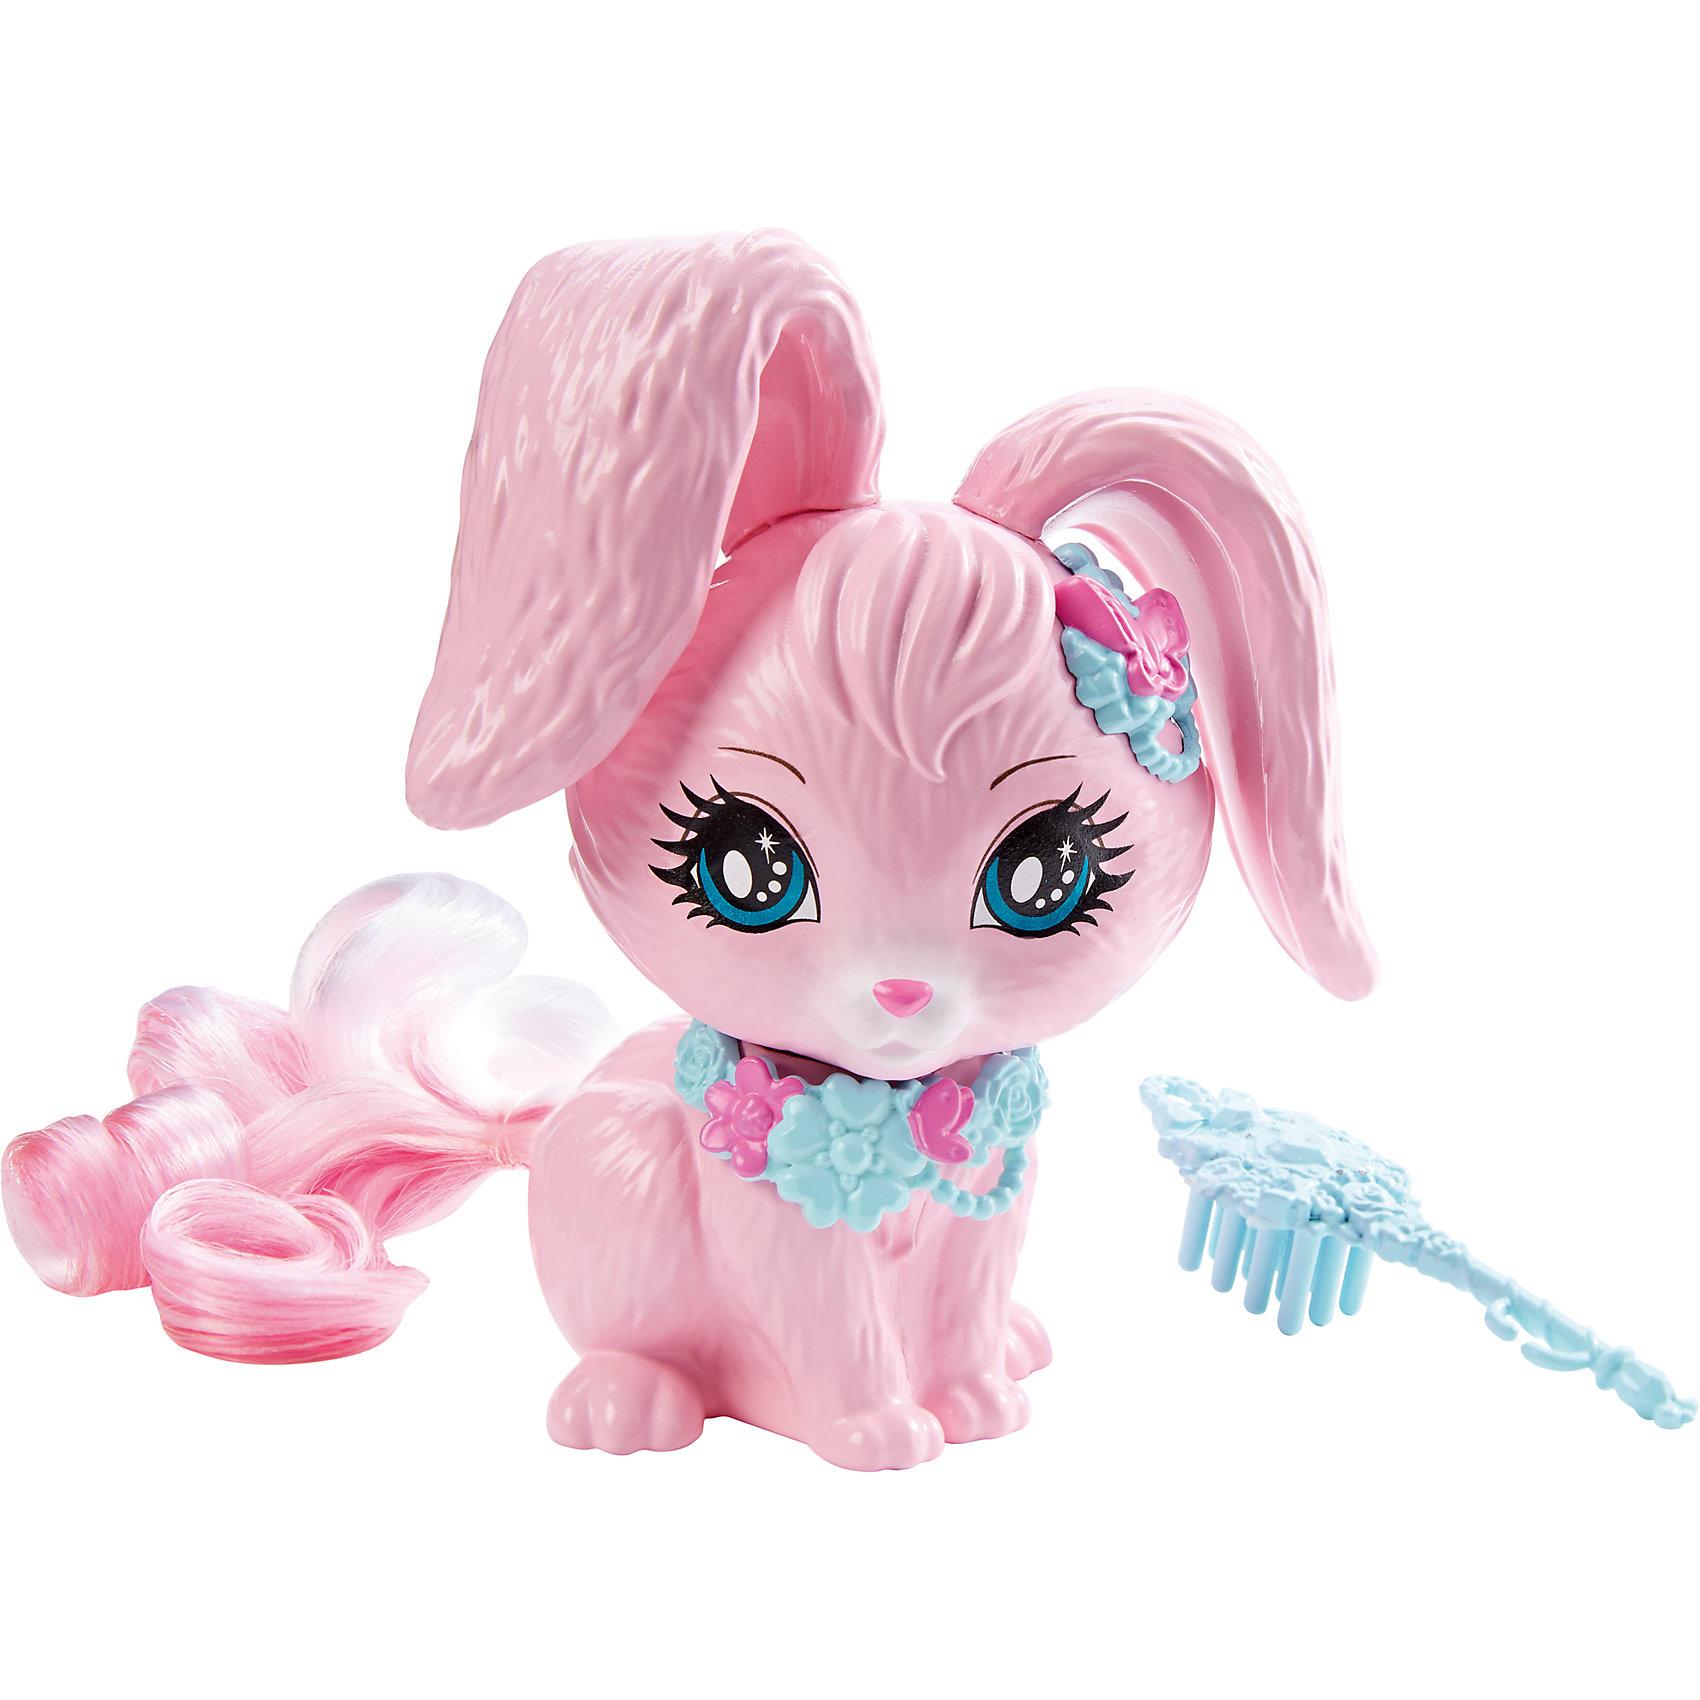 Питомцы, BarbieБарби обожает животных, ее питомцы такие же стильные и очаровательные, как и их хозяйка. Посмотри, какой пушистый и роскошный хвост у этой милой собачки! Ты можешь расчесывать его и даже делать различные прически. <br><br>Дополнительная информация:<br><br>- Материал: пластик. <br>- Размер: 15х20 см. <br>- Комплектация: игрушка, расческа. <br><br>Питомца, Barbie (Барби) можно купить в нашем магазине.<br><br>Ширина мм: 50<br>Глубина мм: 155<br>Высота мм: 205<br>Вес г: 156<br>Возраст от месяцев: 36<br>Возраст до месяцев: 72<br>Пол: Женский<br>Возраст: Детский<br>SKU: 4557623